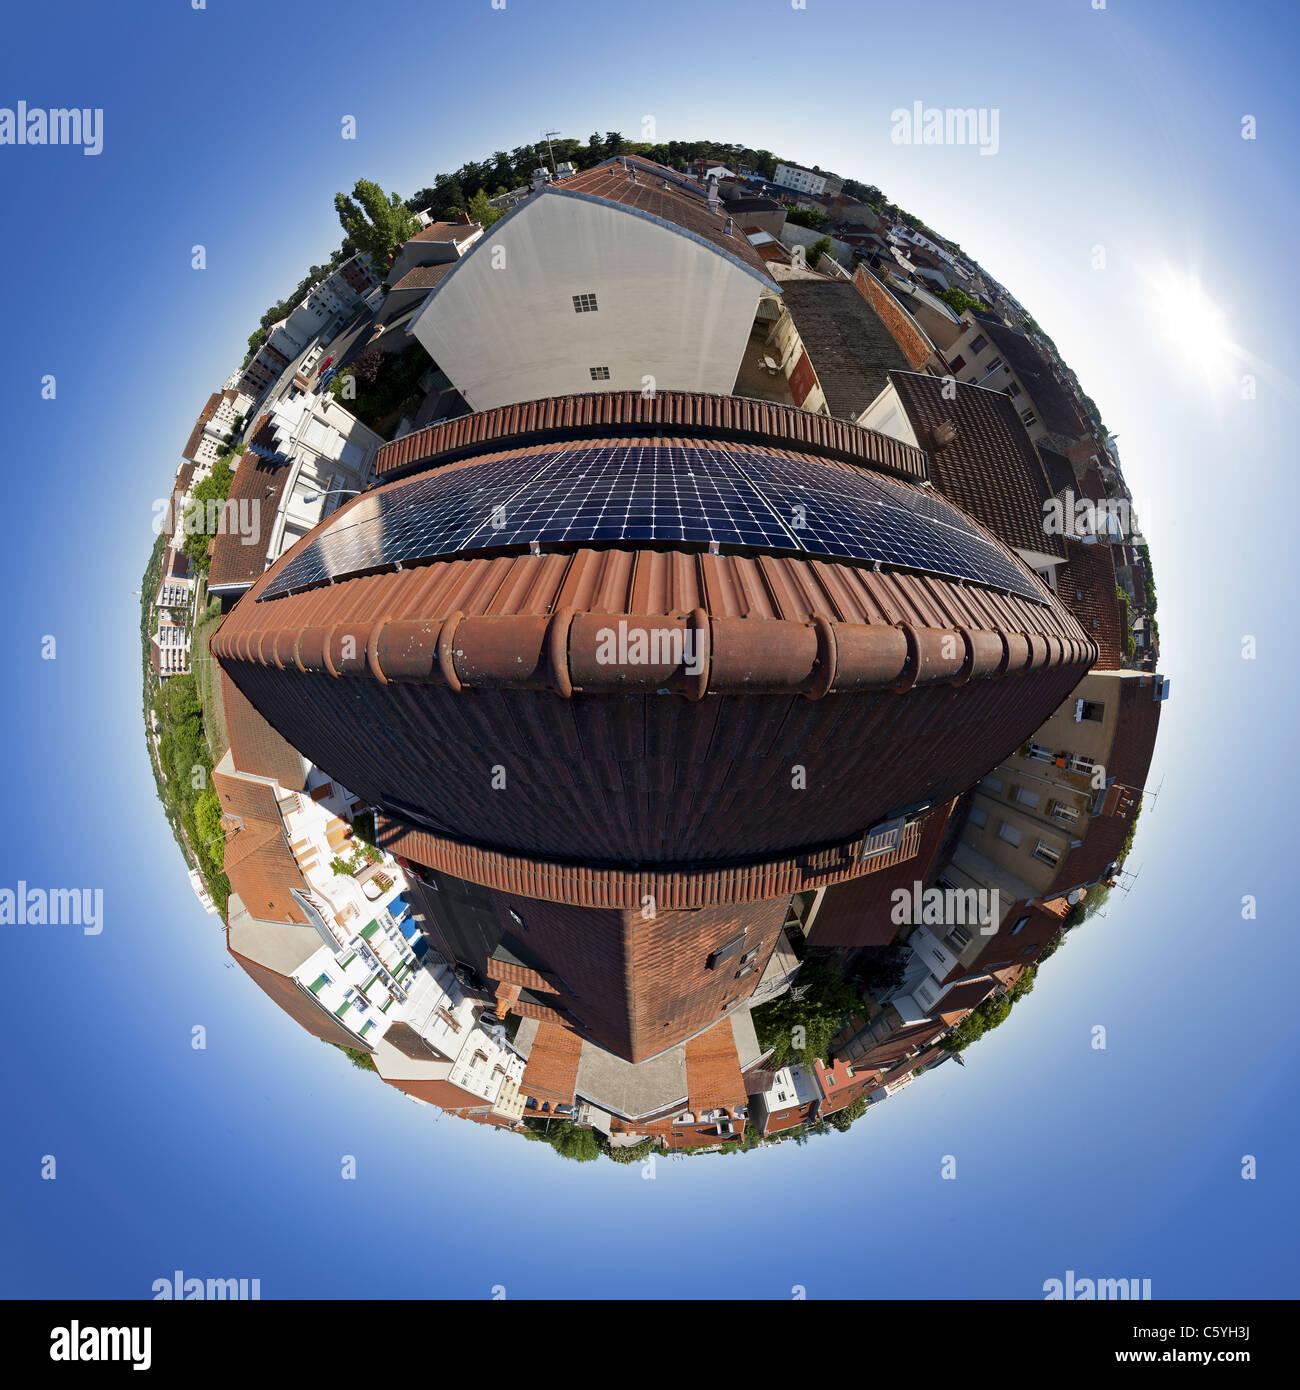 Pannelli solari fotovoltaici sul tetto di una casa privata. Vista fisheye 360 °. Immagini Stock